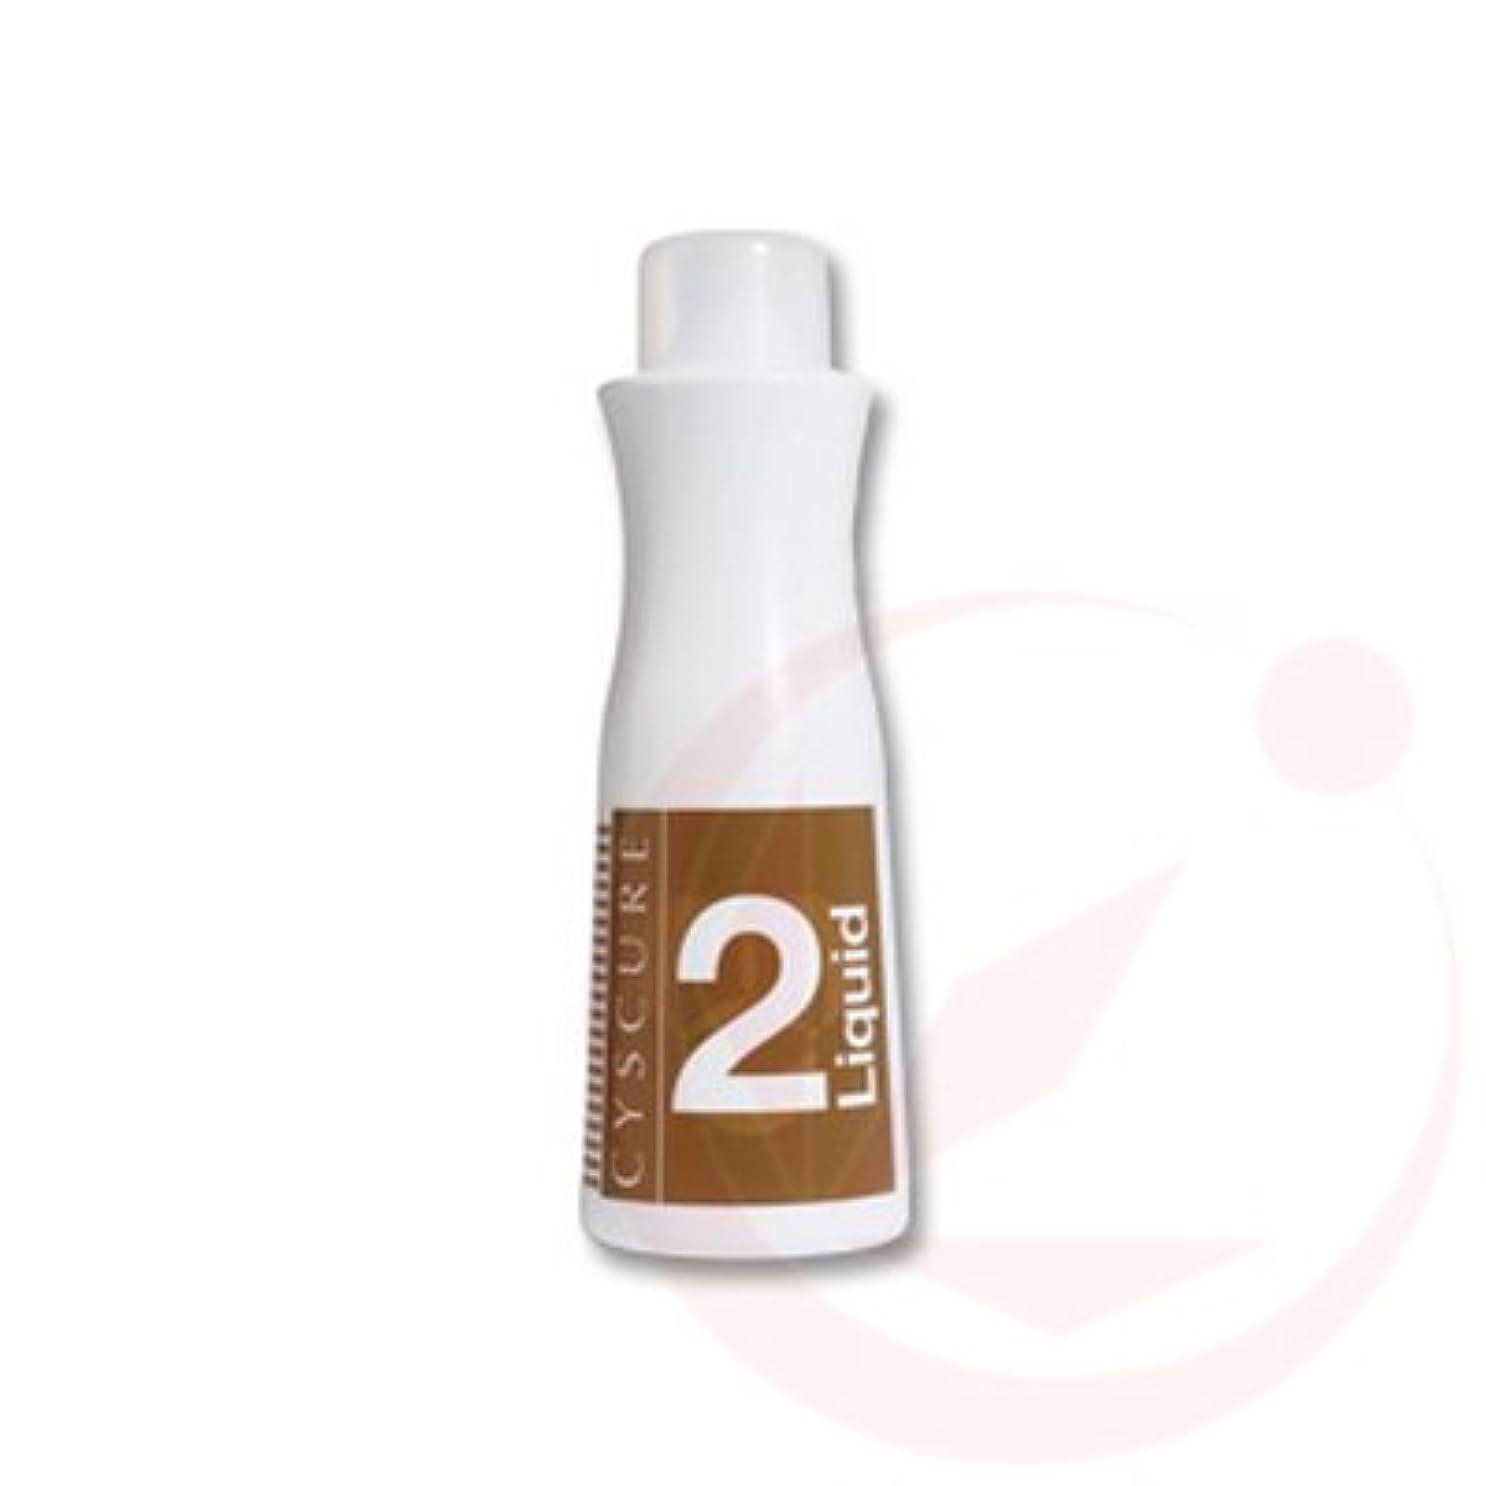 フェッチ感嘆反映するタマリス シスキュア2リキッド 1000g (パーマ剤/2剤)